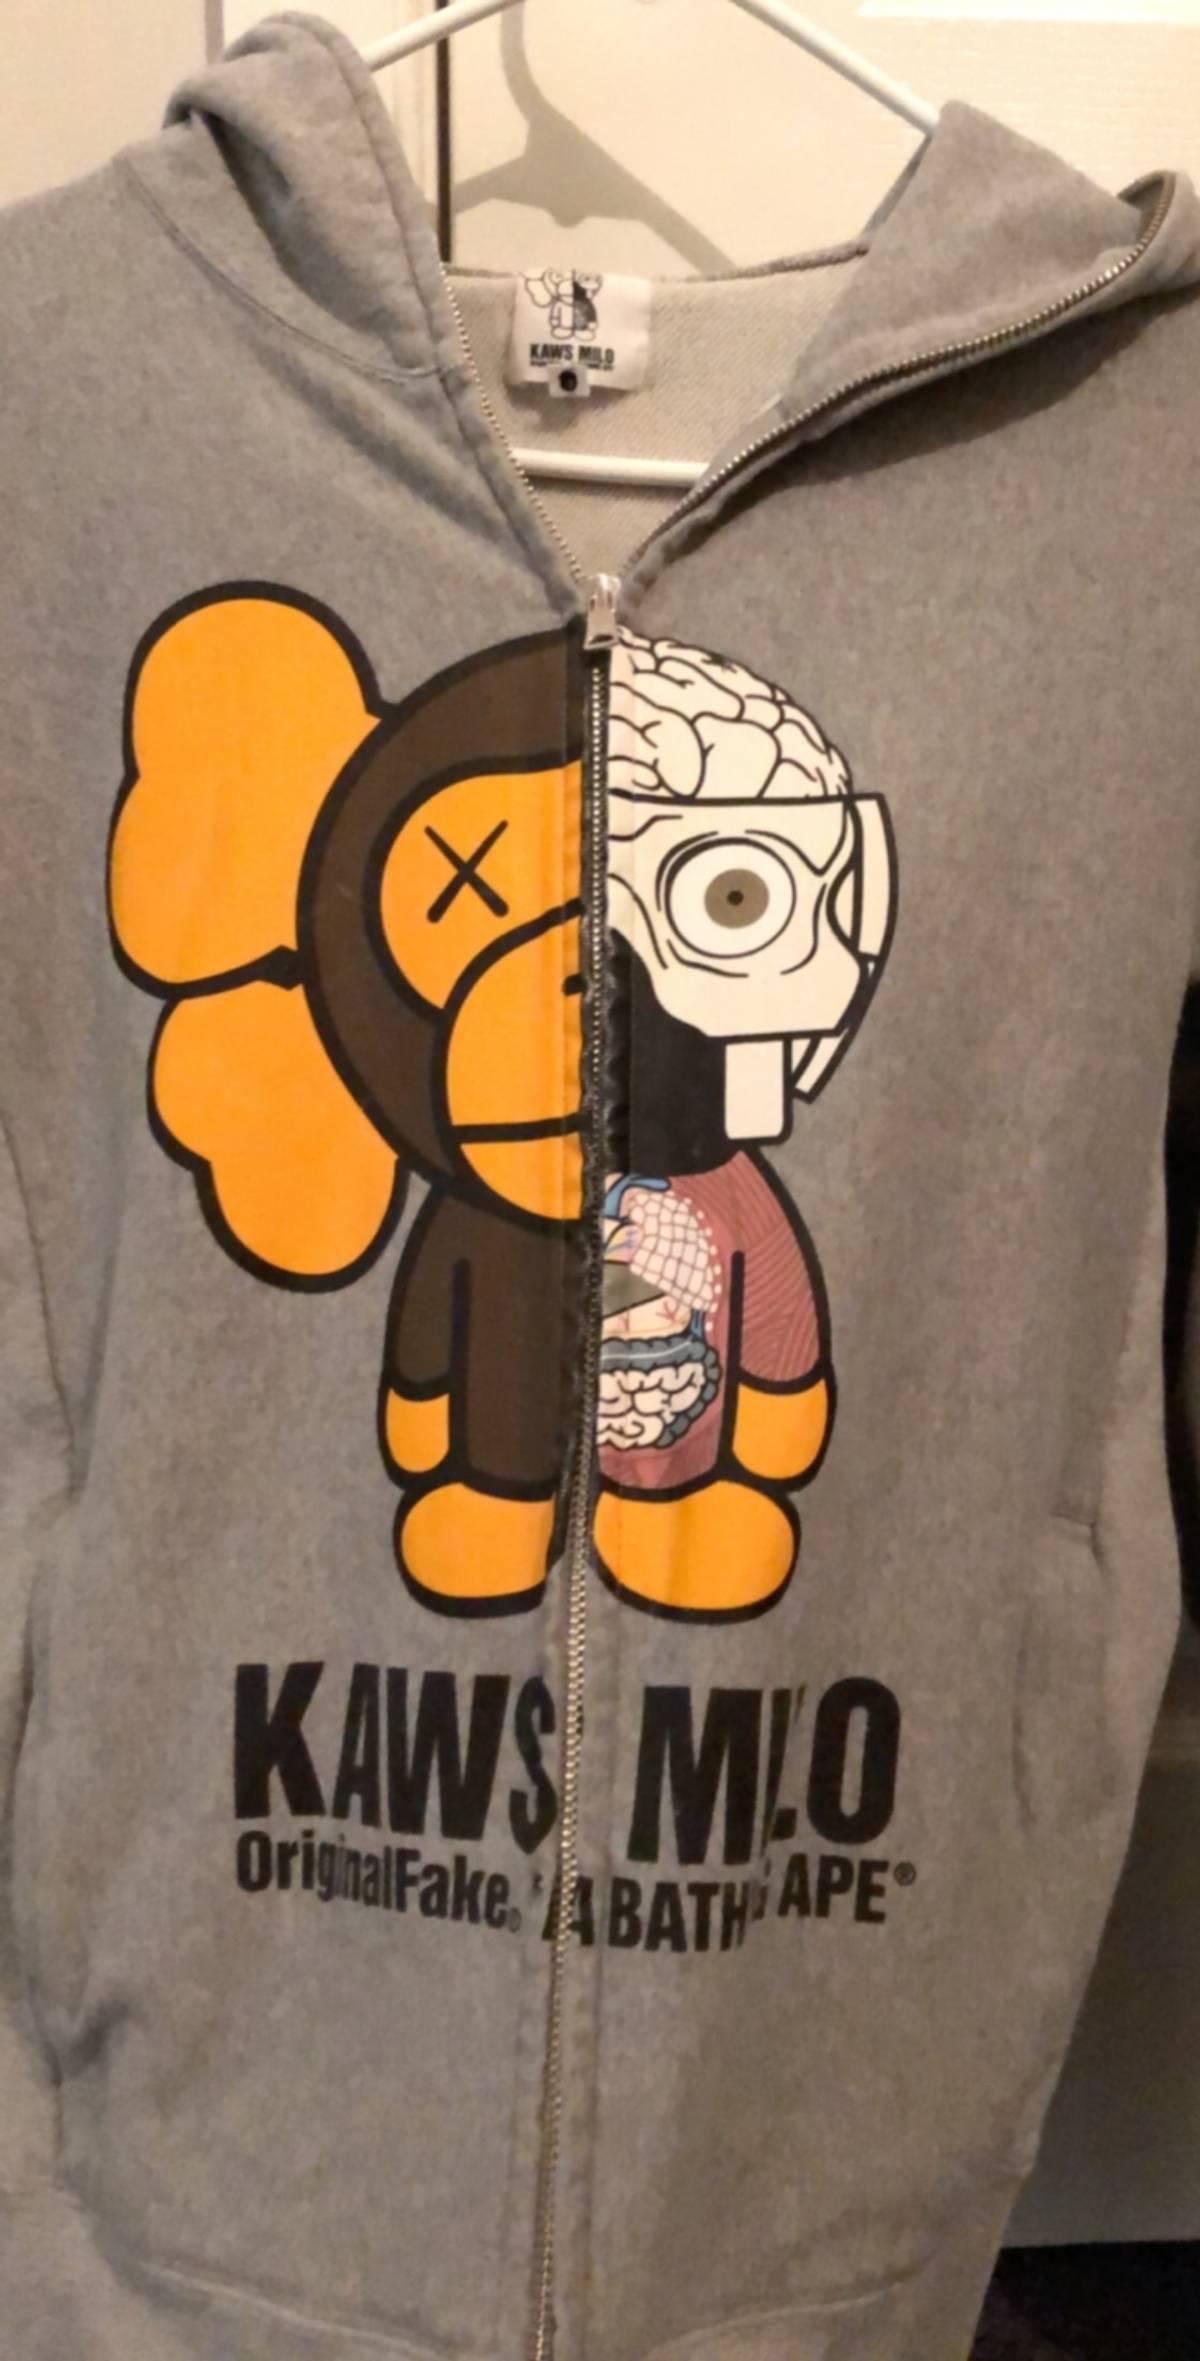 e0006d8c Bape A Bathing Ape Baby Milo X Original Fake Kaws Hoodie 2011 Collab ...